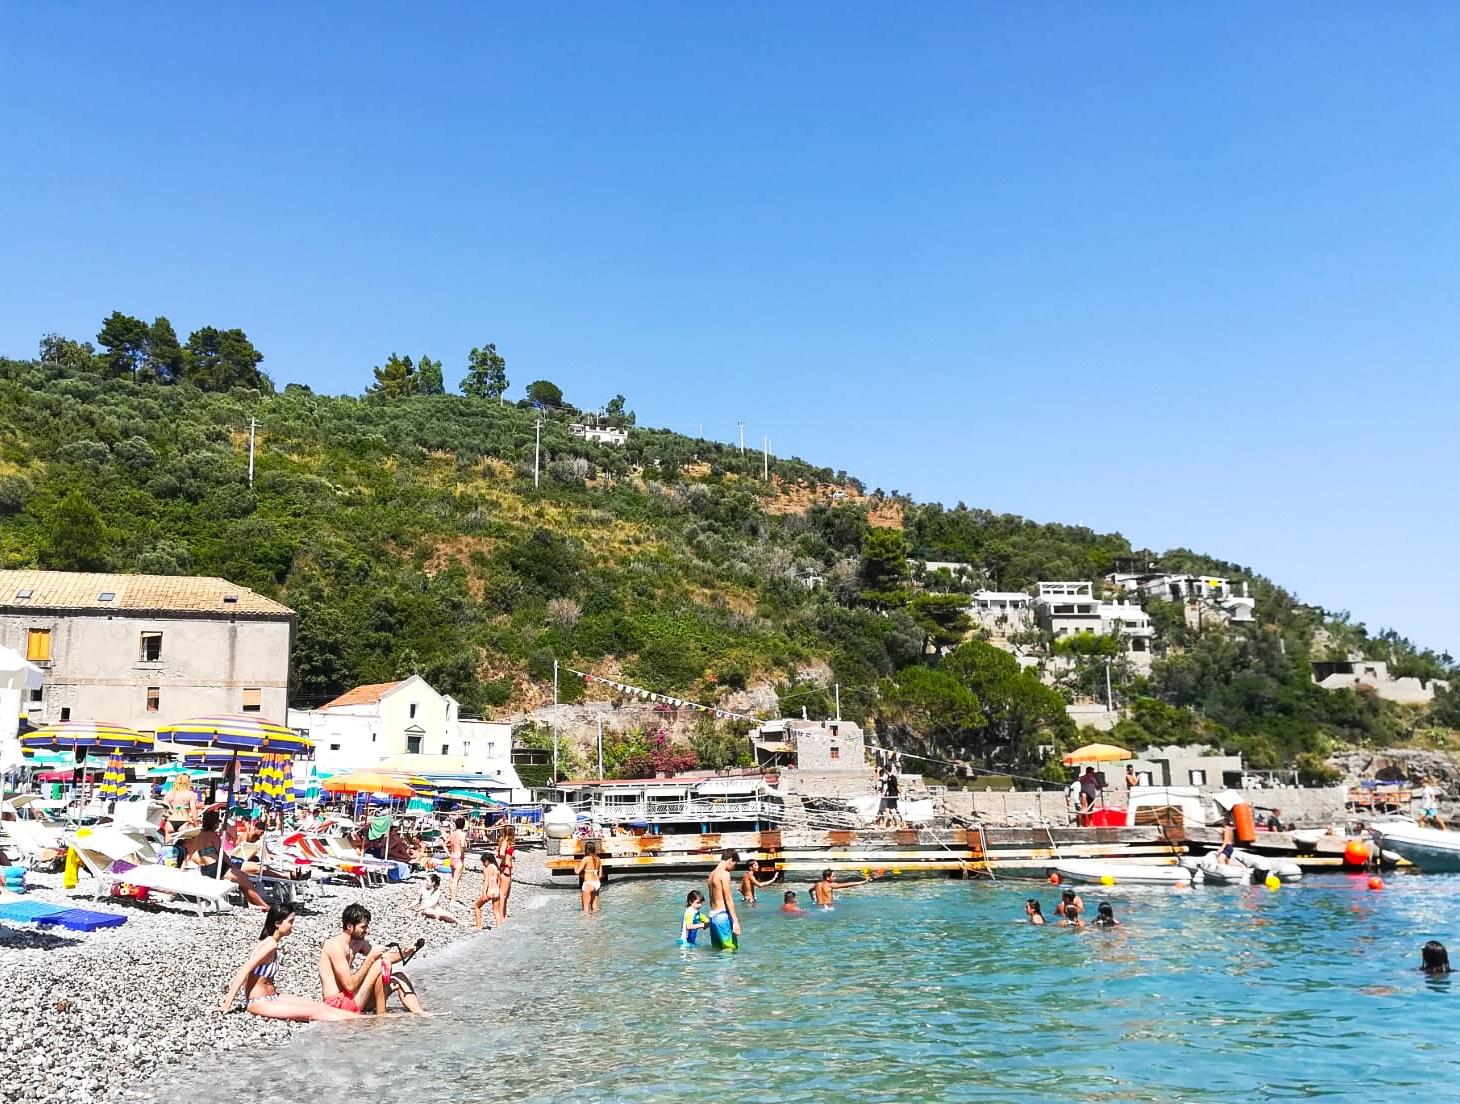 Marina del Cantone playa costa sorrentina península sorrentina costiera sonrrentina costiera amalfitana costa amalfitana italia nápoles Napoli Mar mediterraneo Mary´s Beach